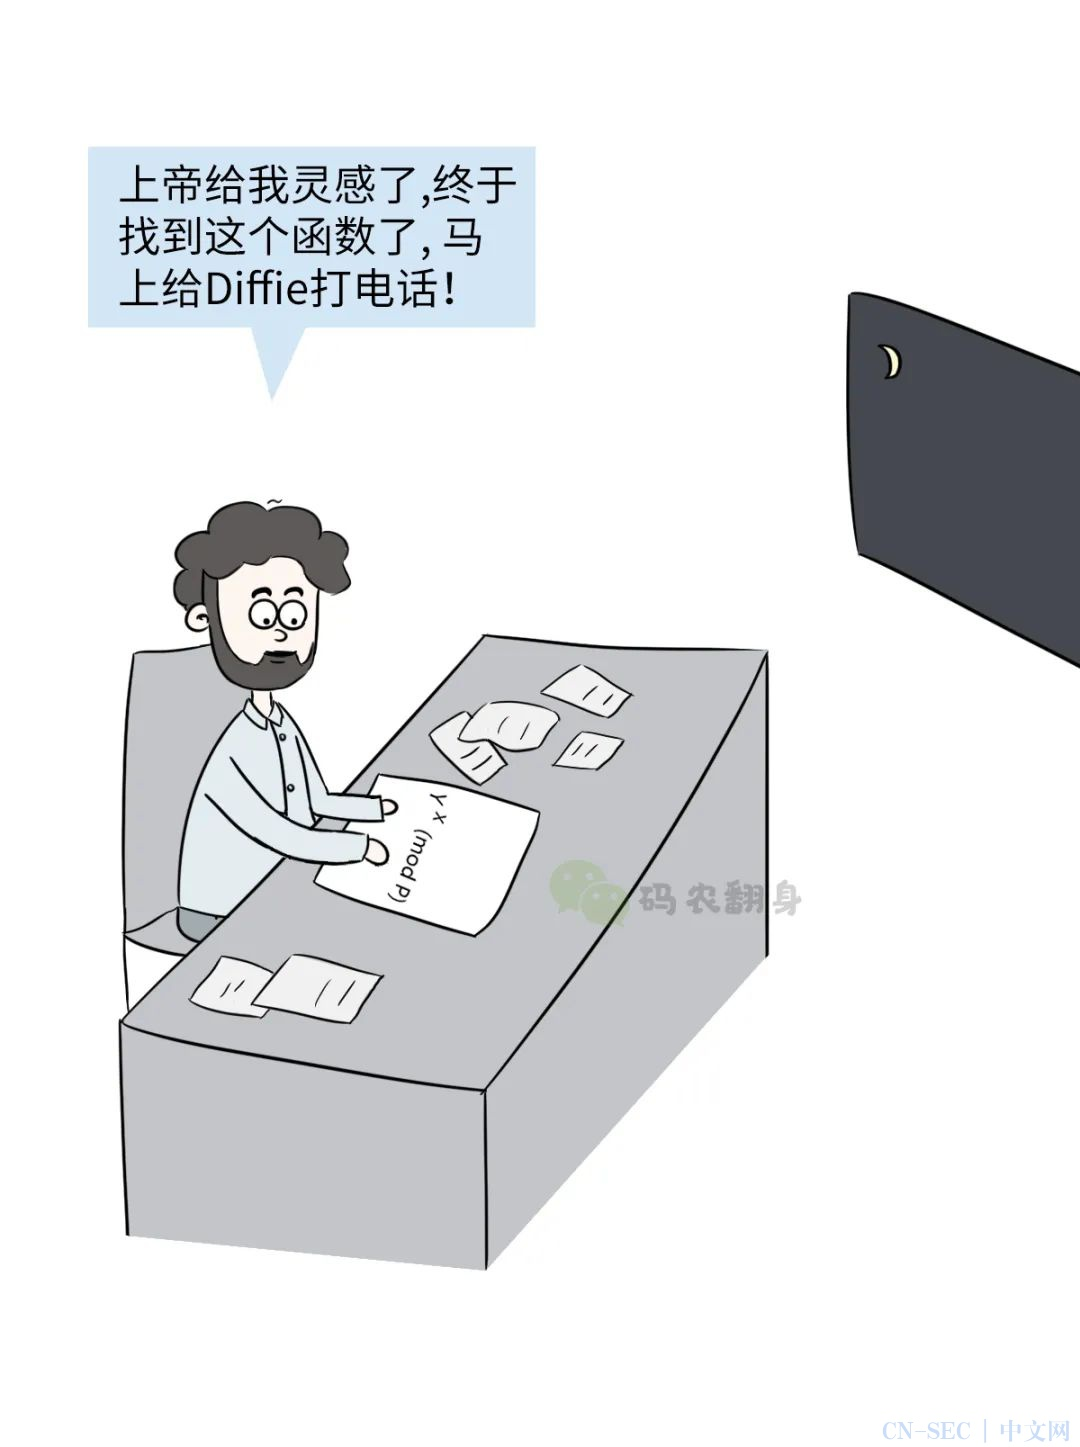 对不起,你的密码被破解了!